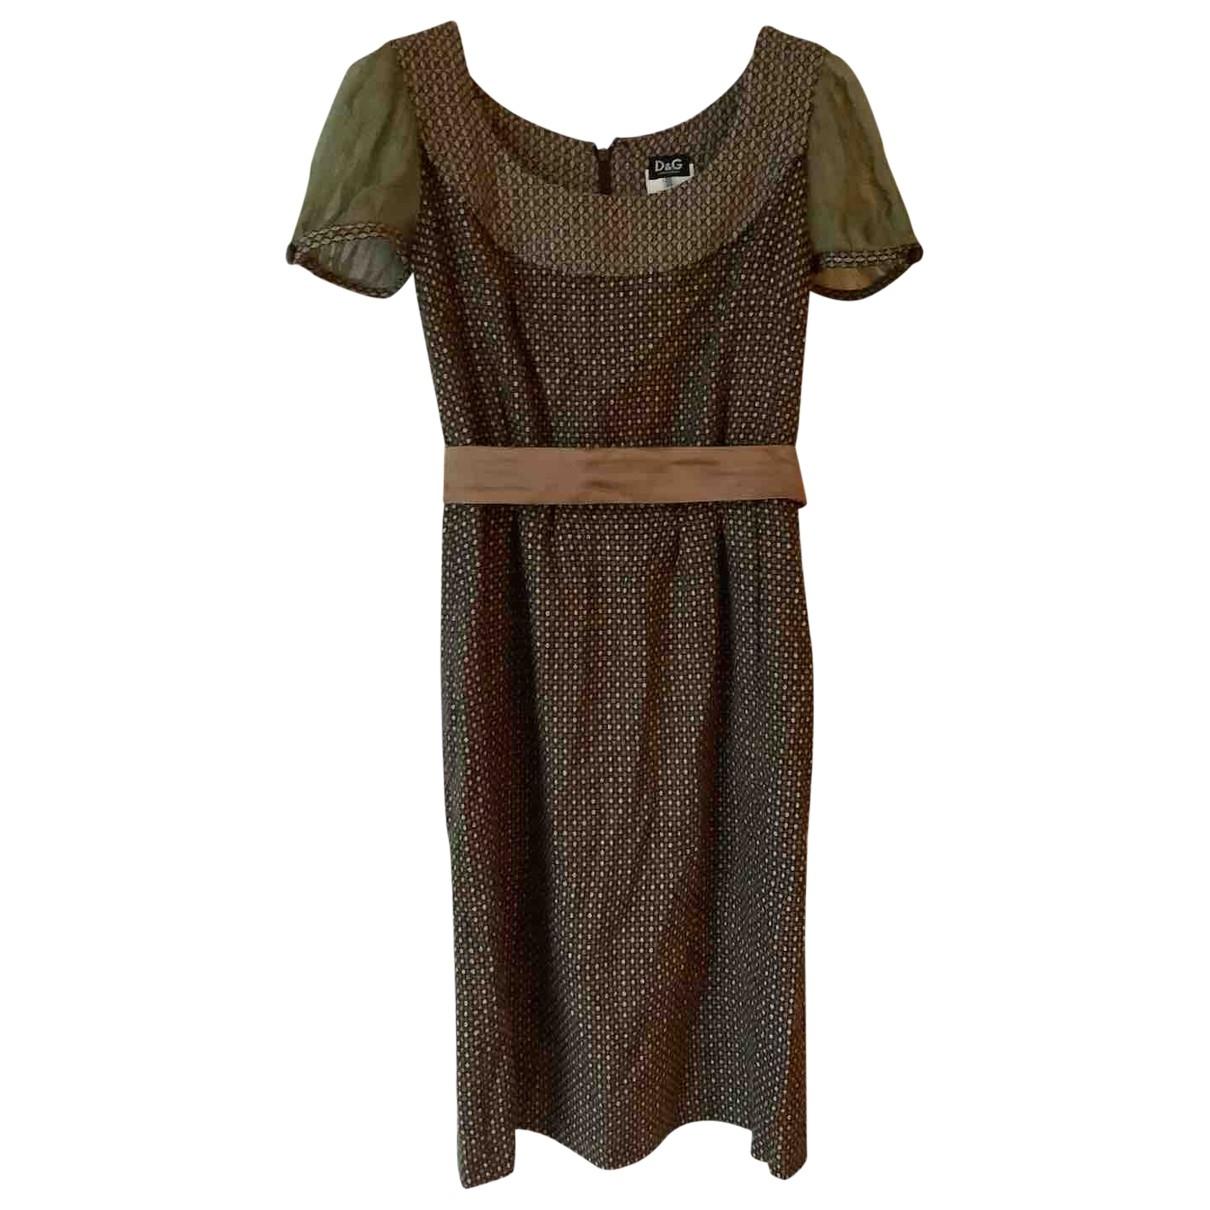 D&g - Robe   pour femme en laine - marron